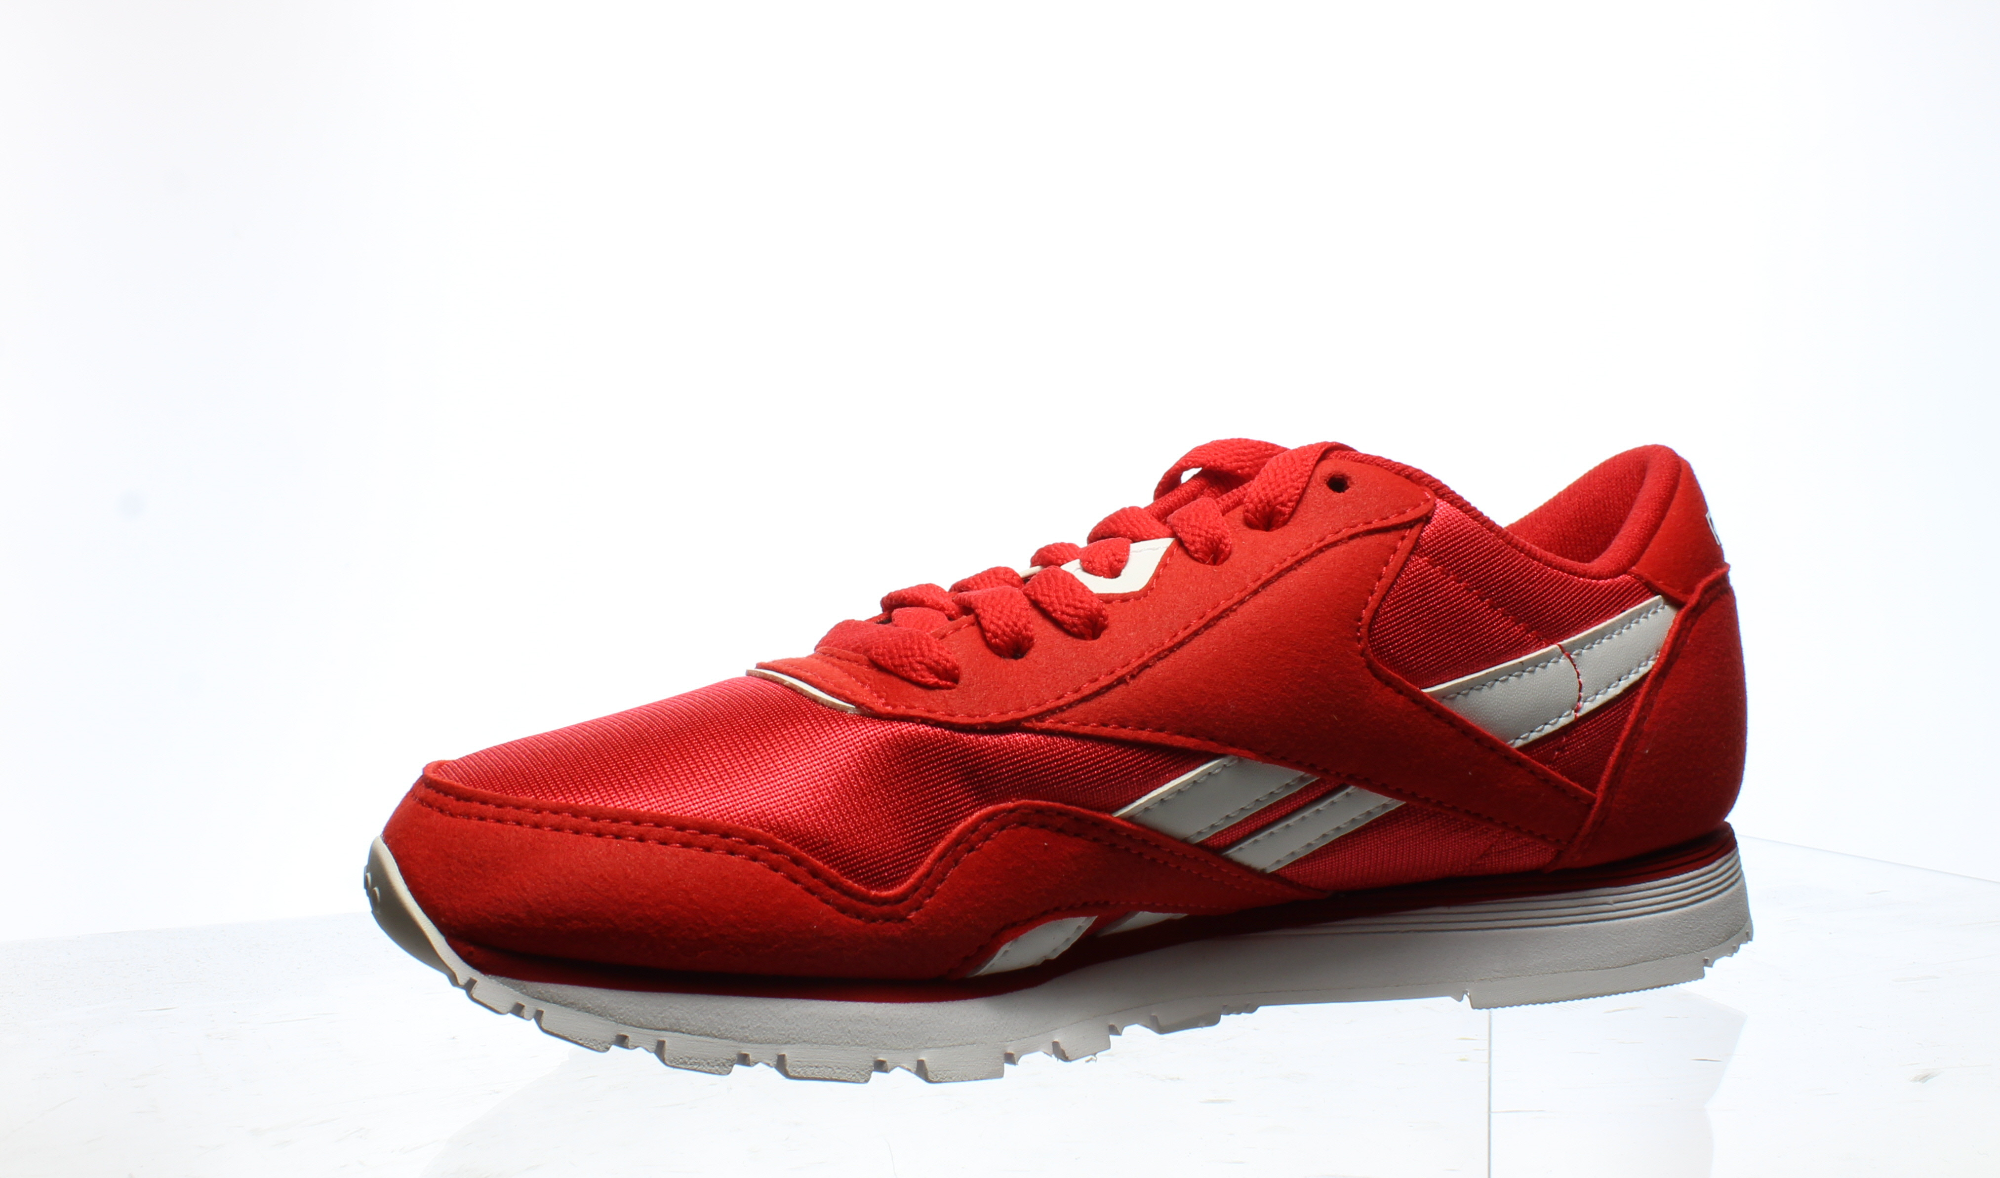 Reebok-Mens-Cl-Nylon-Fashion-Sneakers thumbnail 35